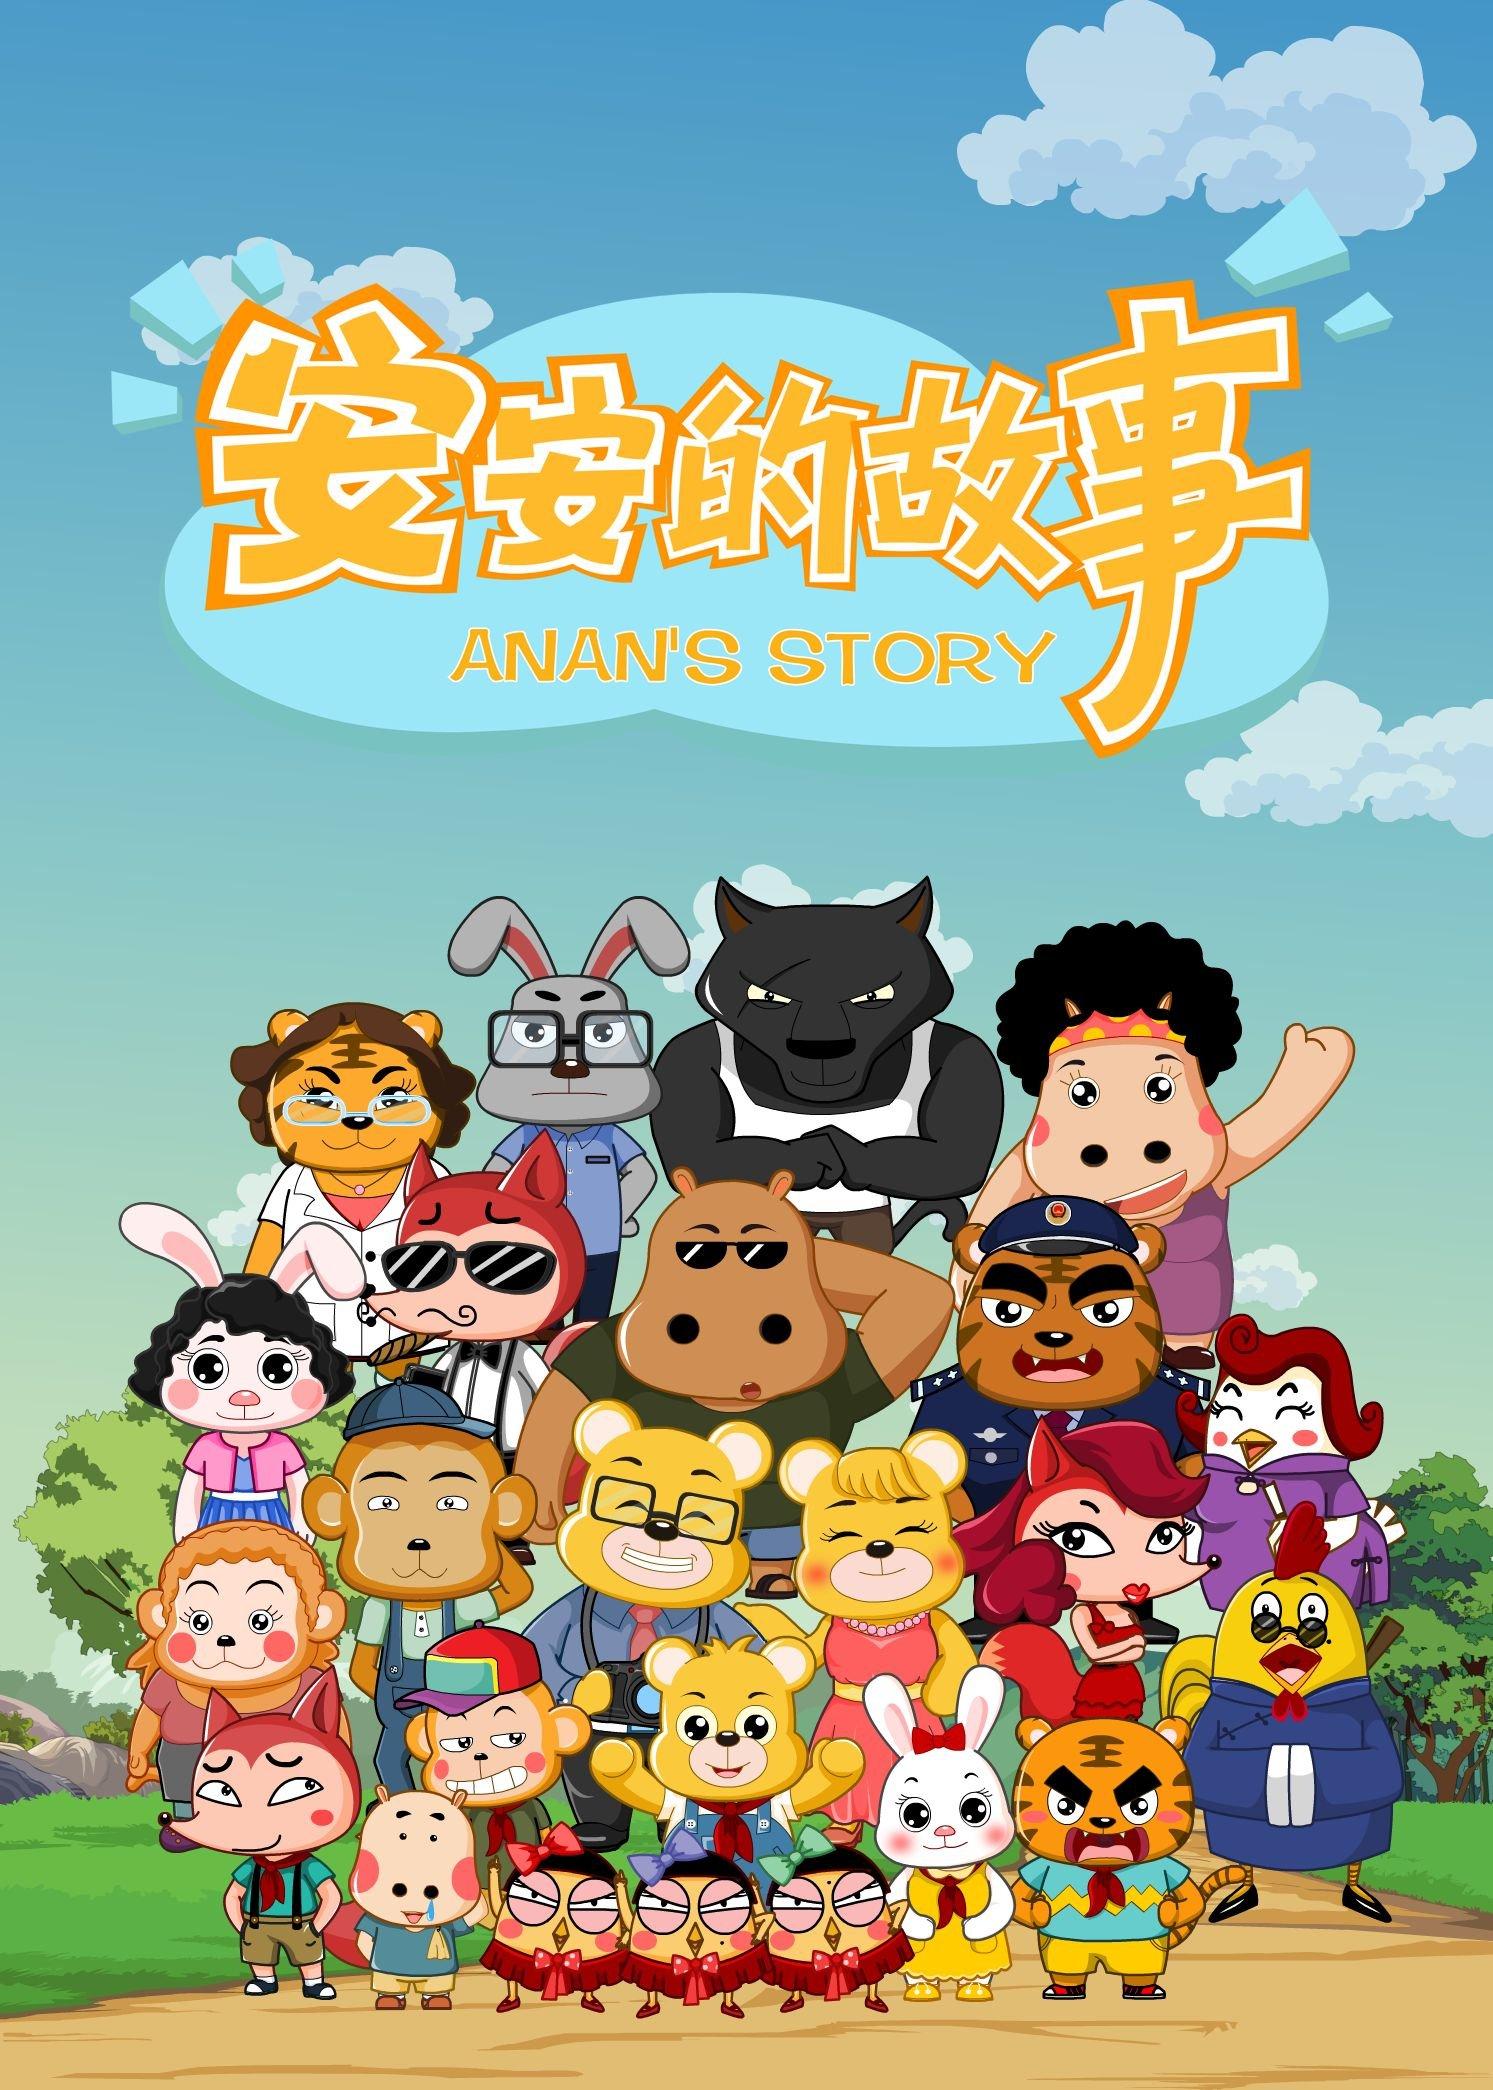 bmw首次安安的故事 儿童安全教育动画片